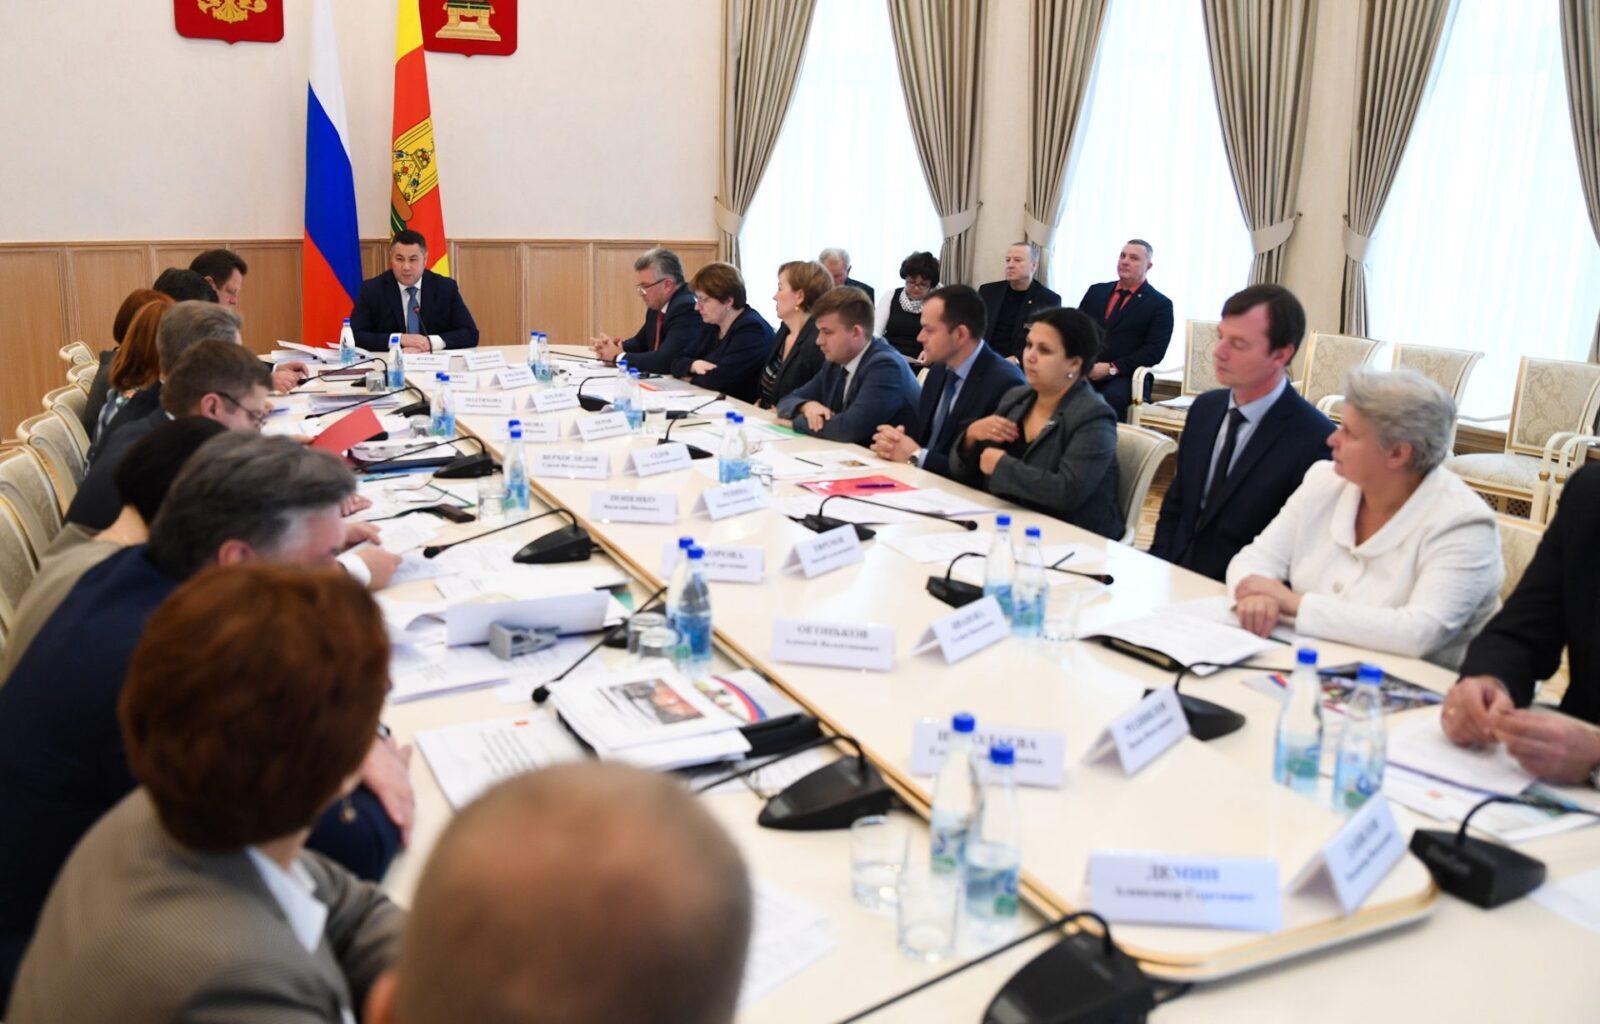 Игорь Руденя призвал неформально подойти к подготовке к празднованию 75-летия Великой Победы